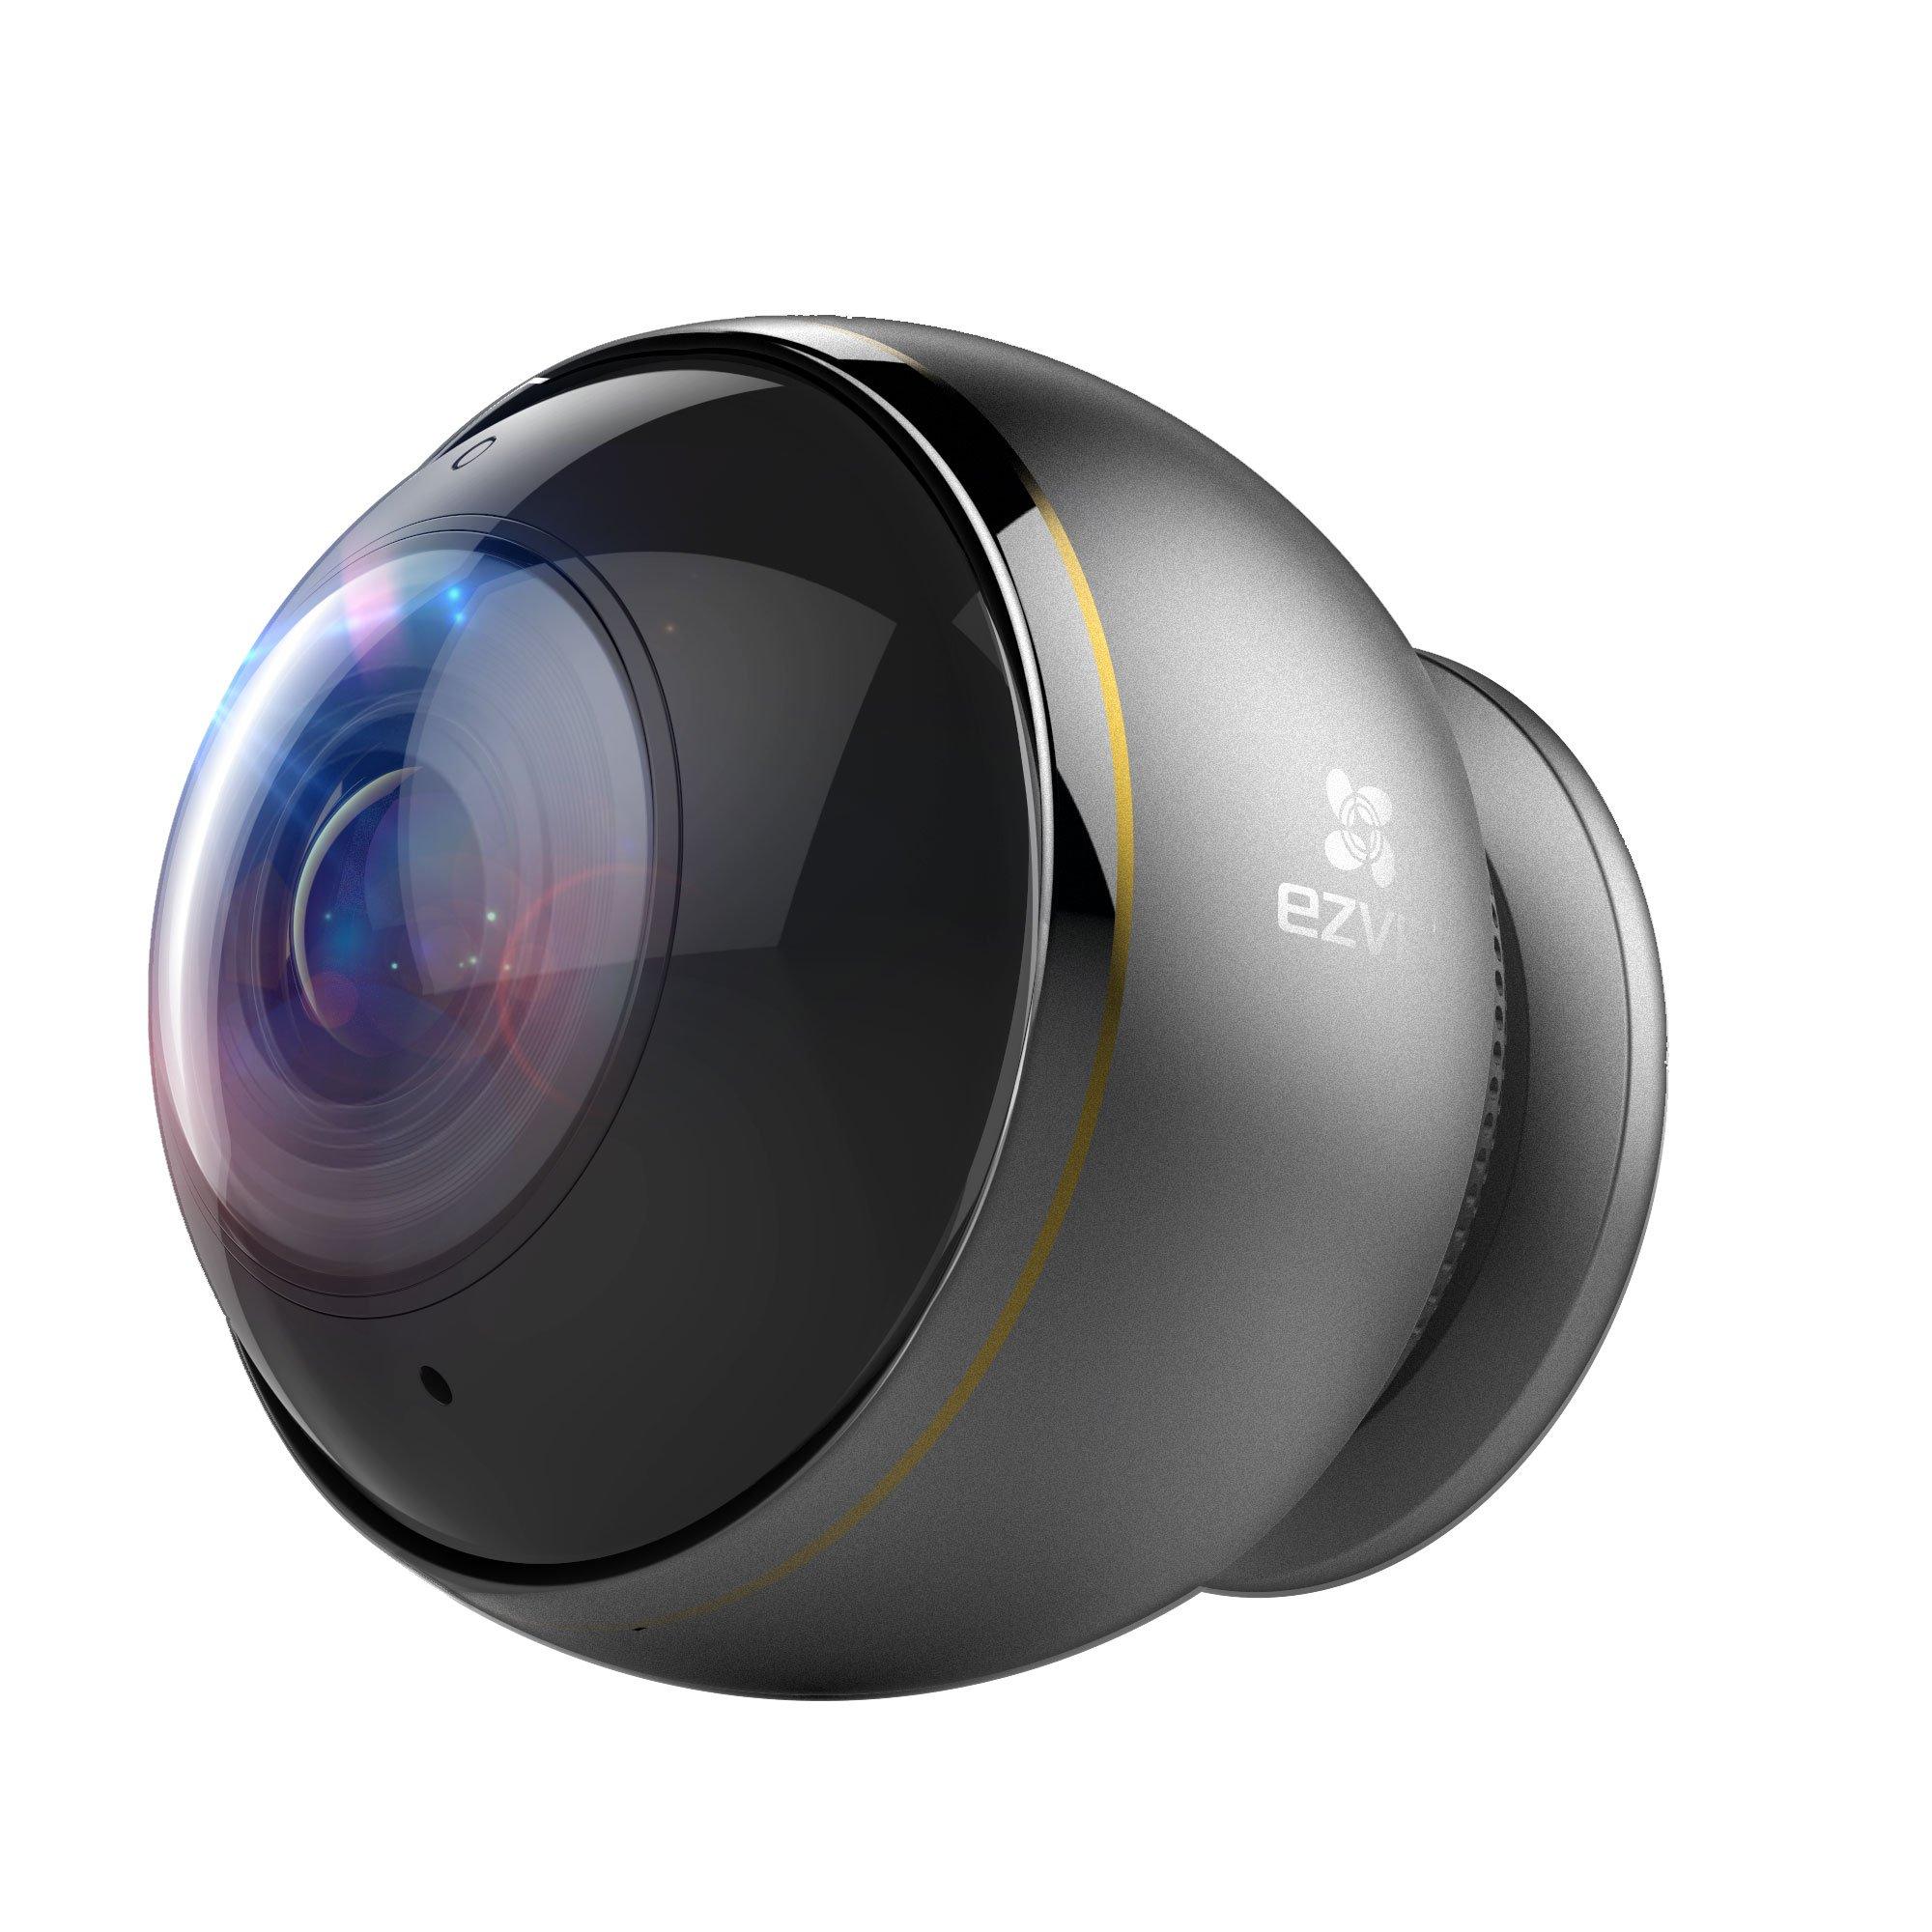 EZVIZ ez360 Pano TripleHD 360 Degree Panoramic Wireless Wi-Fi Security Camera, 3MP STARVIS Back Illuminated Image Sensor, Fisheye Lens,  Full Duplex Two-way Audio by EZVIZ (Image #1)